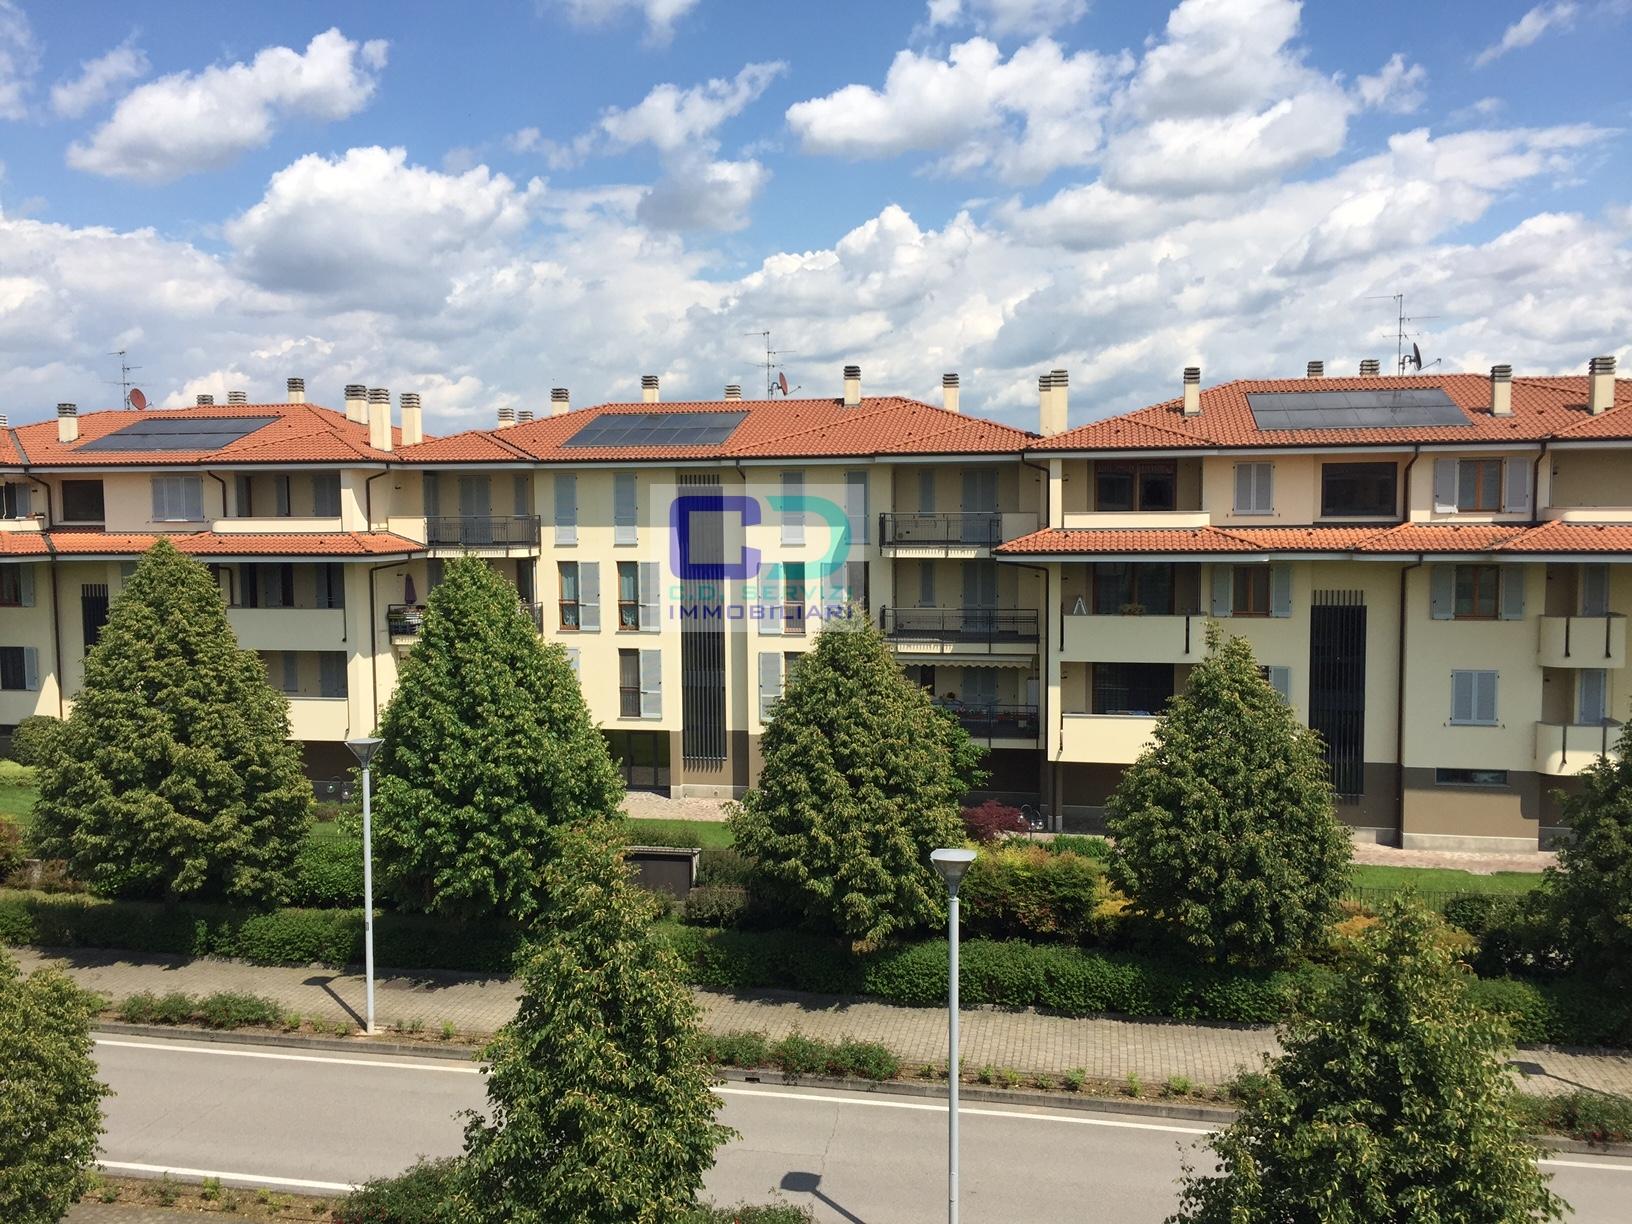 Appartamento in vendita a Truccazzano, 2 locali, prezzo € 149.000 | CambioCasa.it